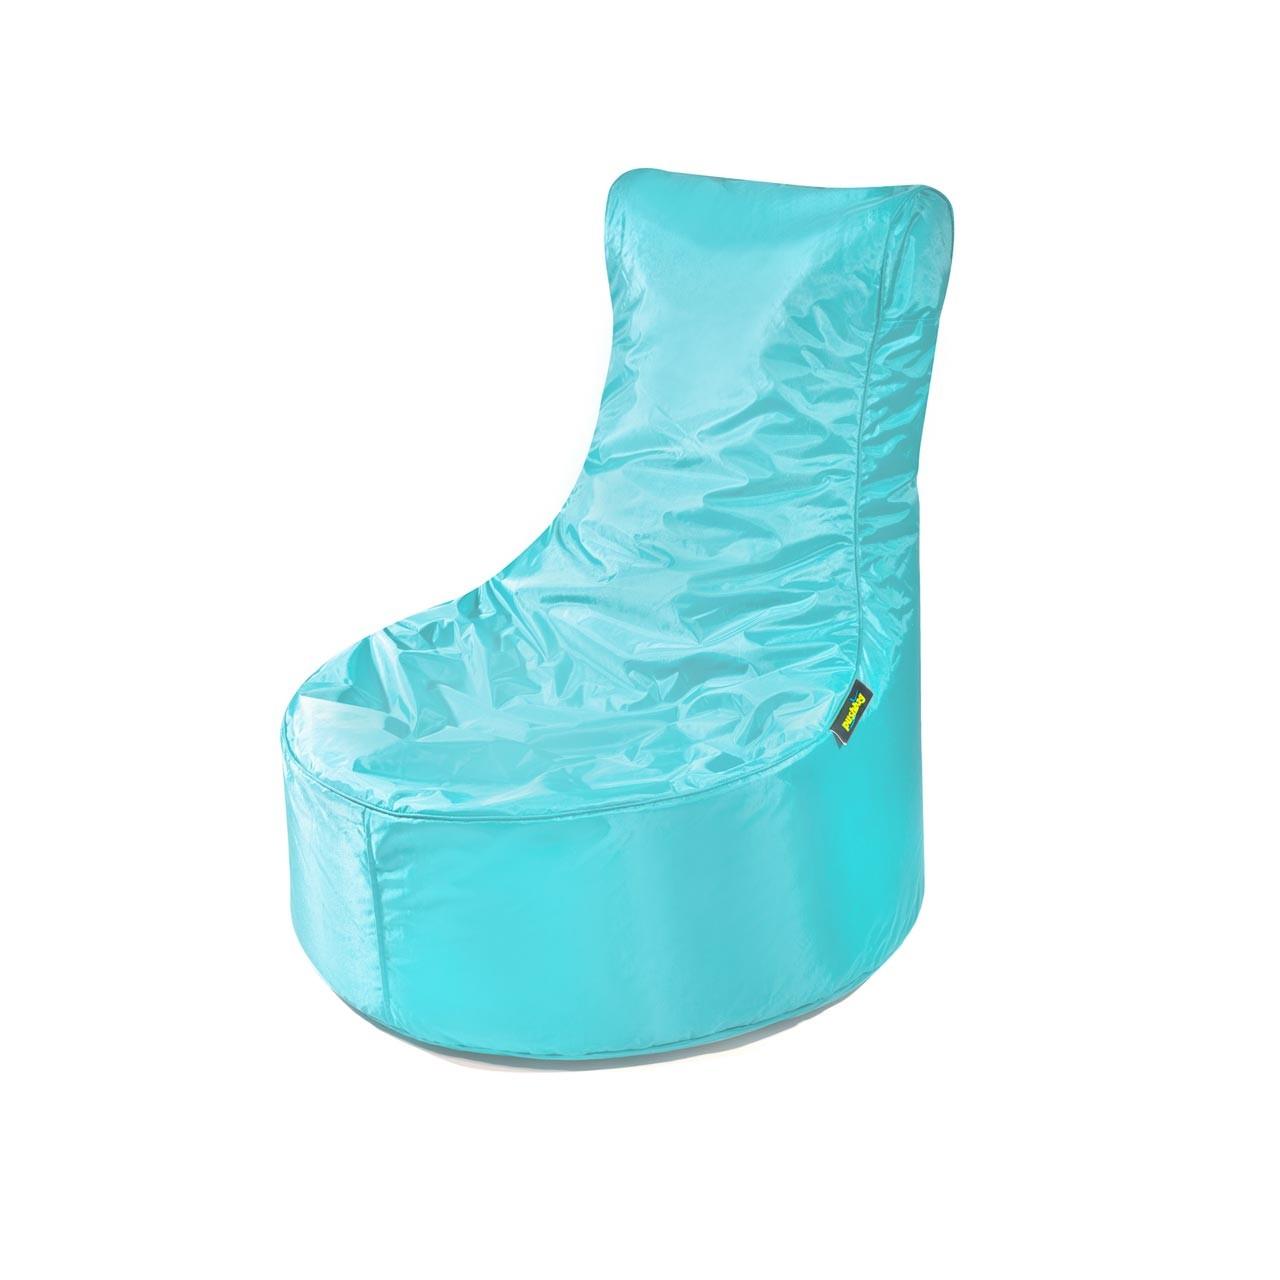 Pushbag Indoor Sitzsack Seat 11-SEA-OX-aqa oxford aqua